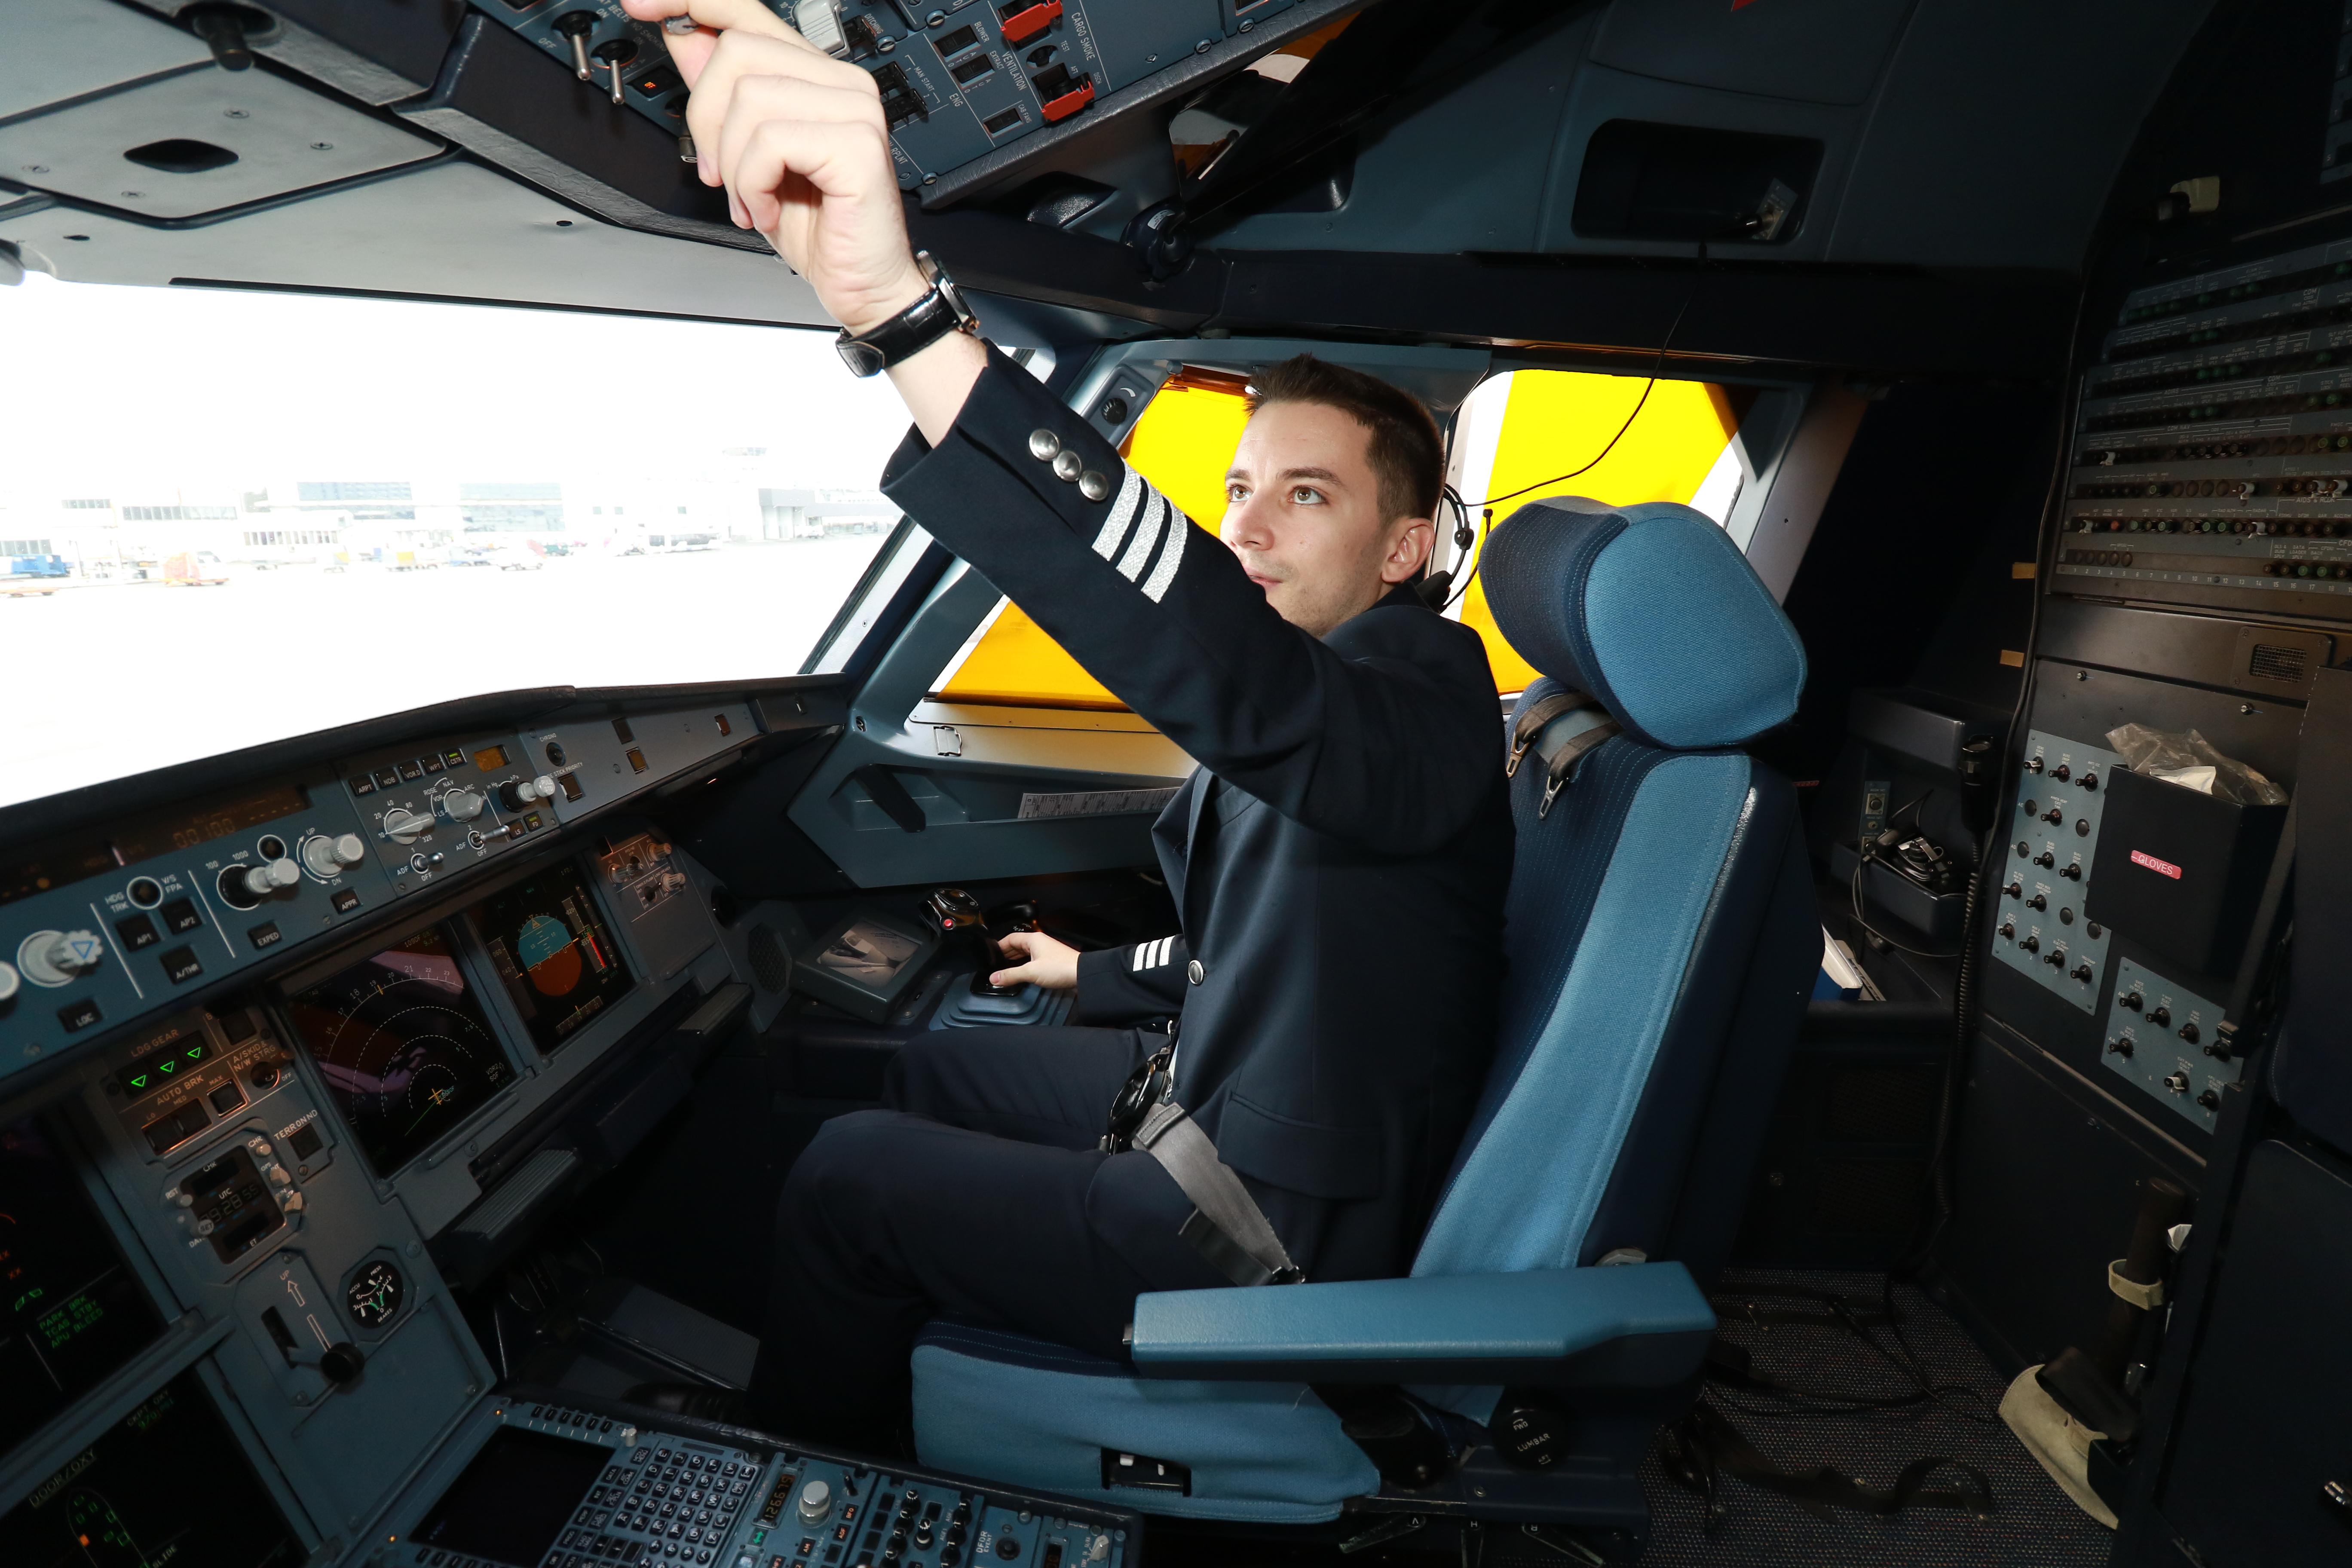 Първият полет на бълагрския пилот с пътнически самолет е от Виена до Цюрих.